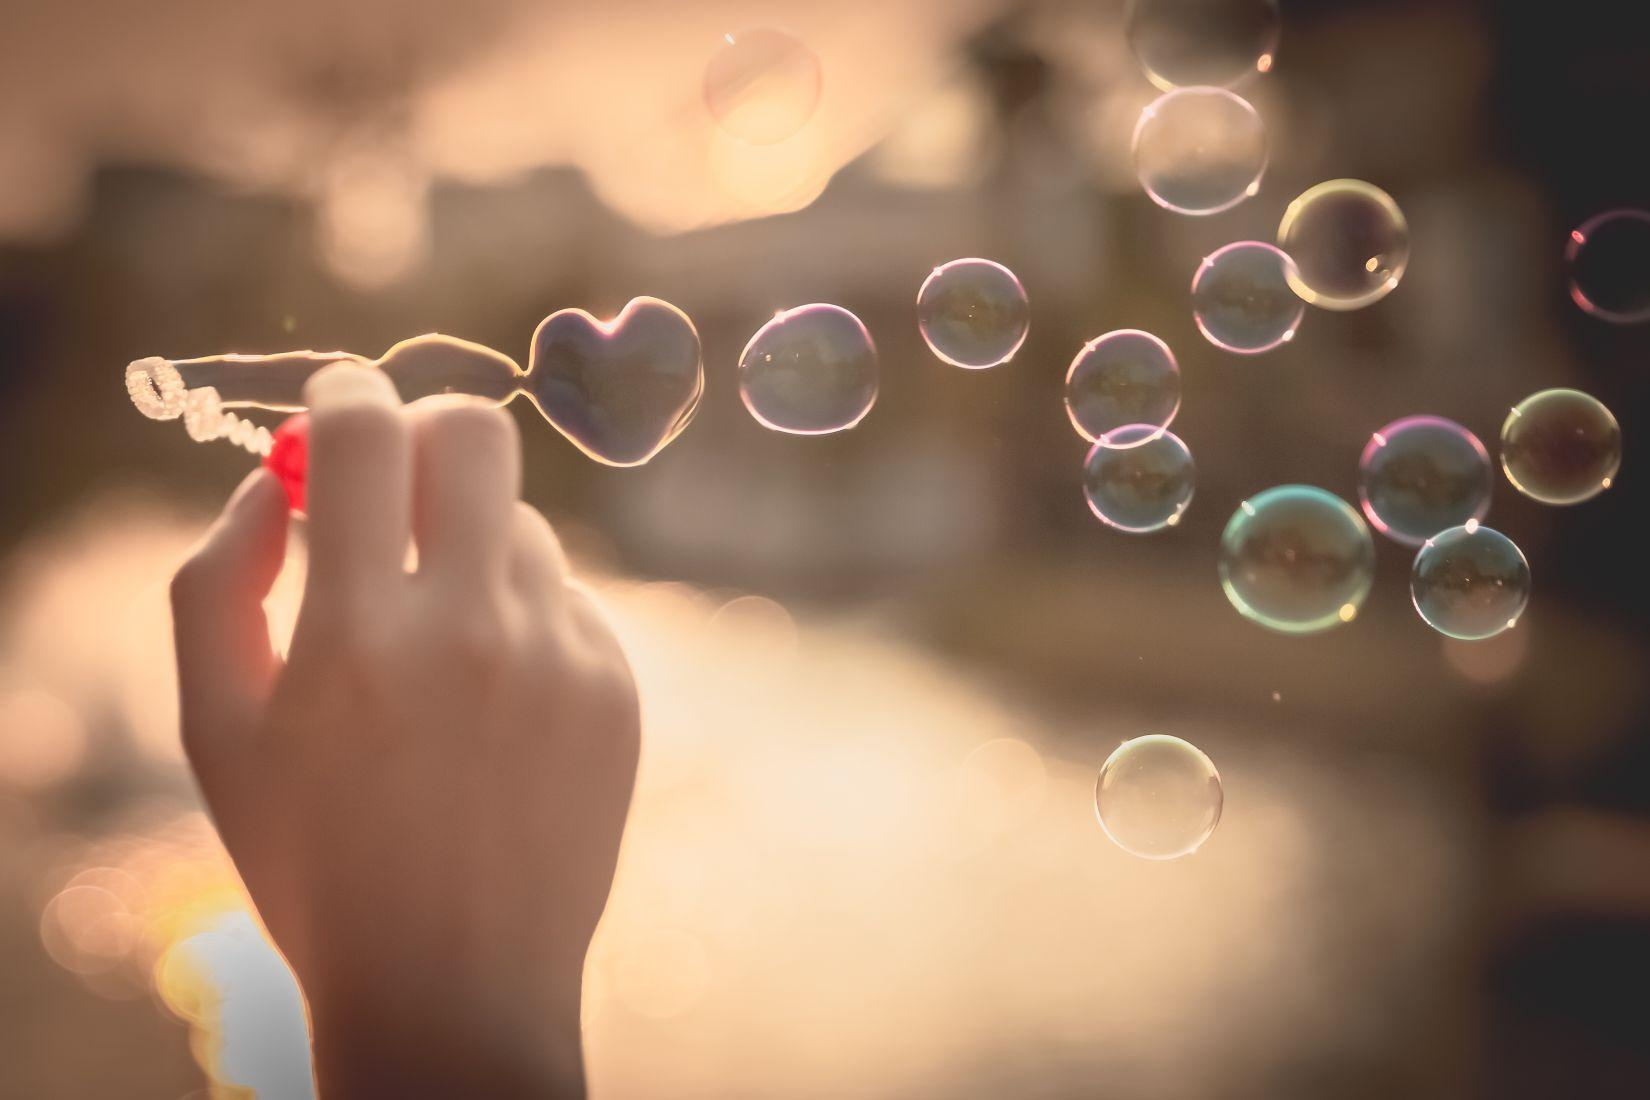 Milieuvriendelijke alternatieven voor wensballonnen